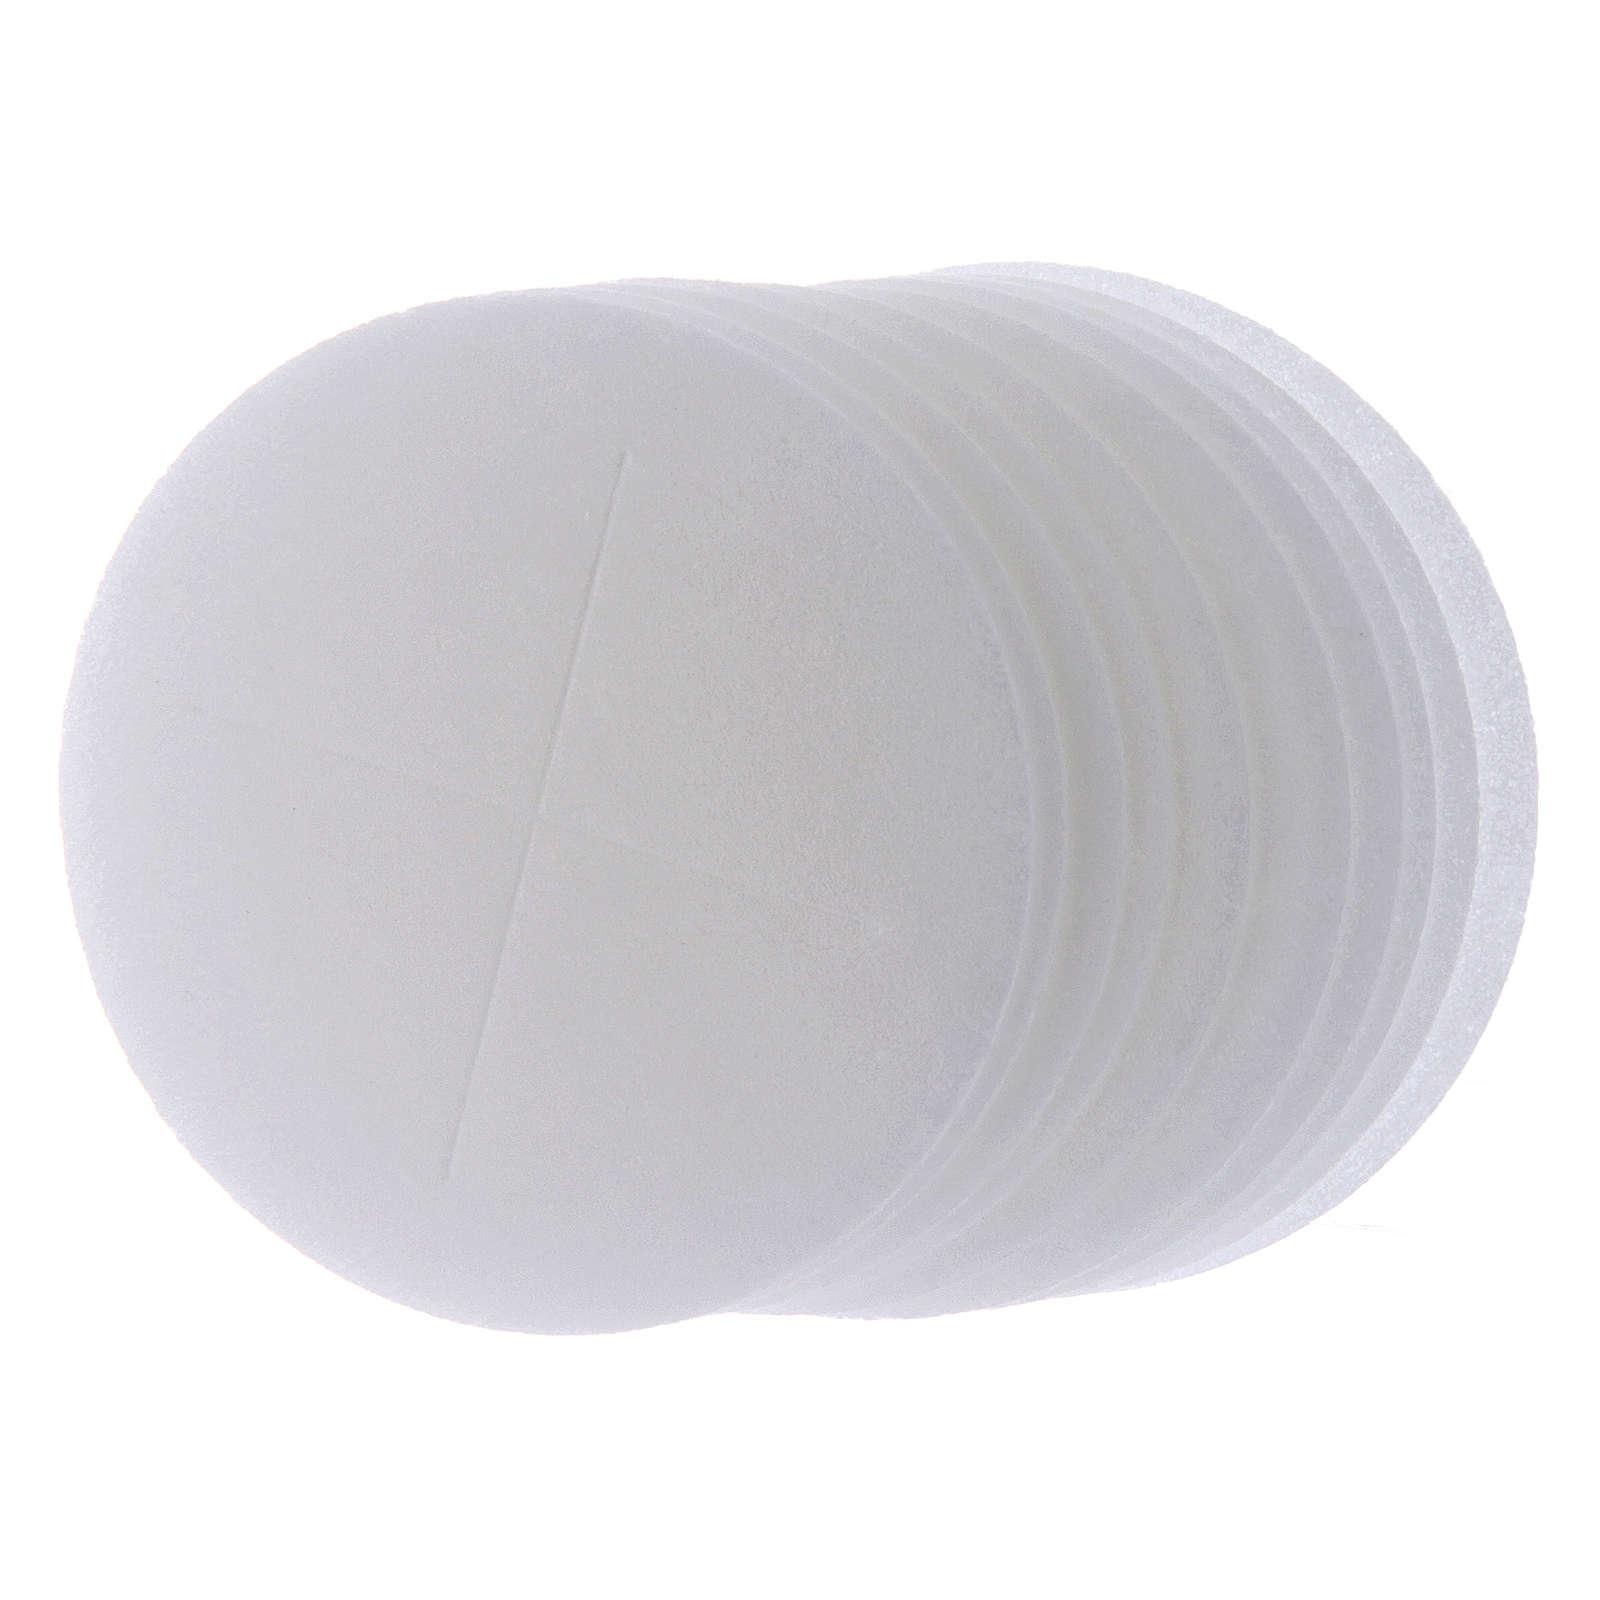 Hóstias para celíacos 6,7 cm - 10 unidades 3